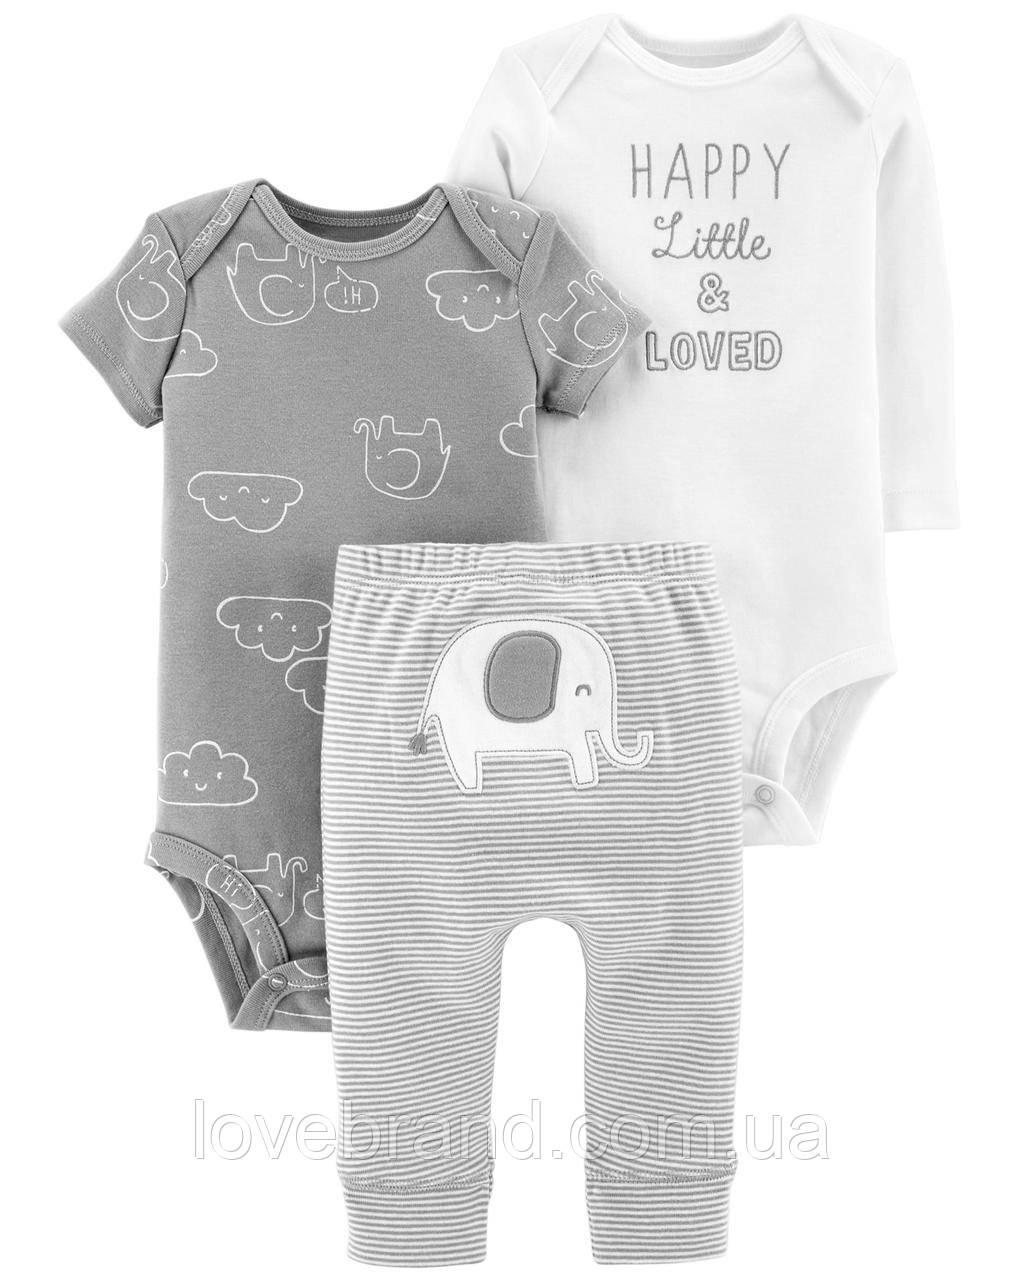 """Набор Carter's (США) """"Слоник""""  для мальчика или девочки два боди + штанишки"""